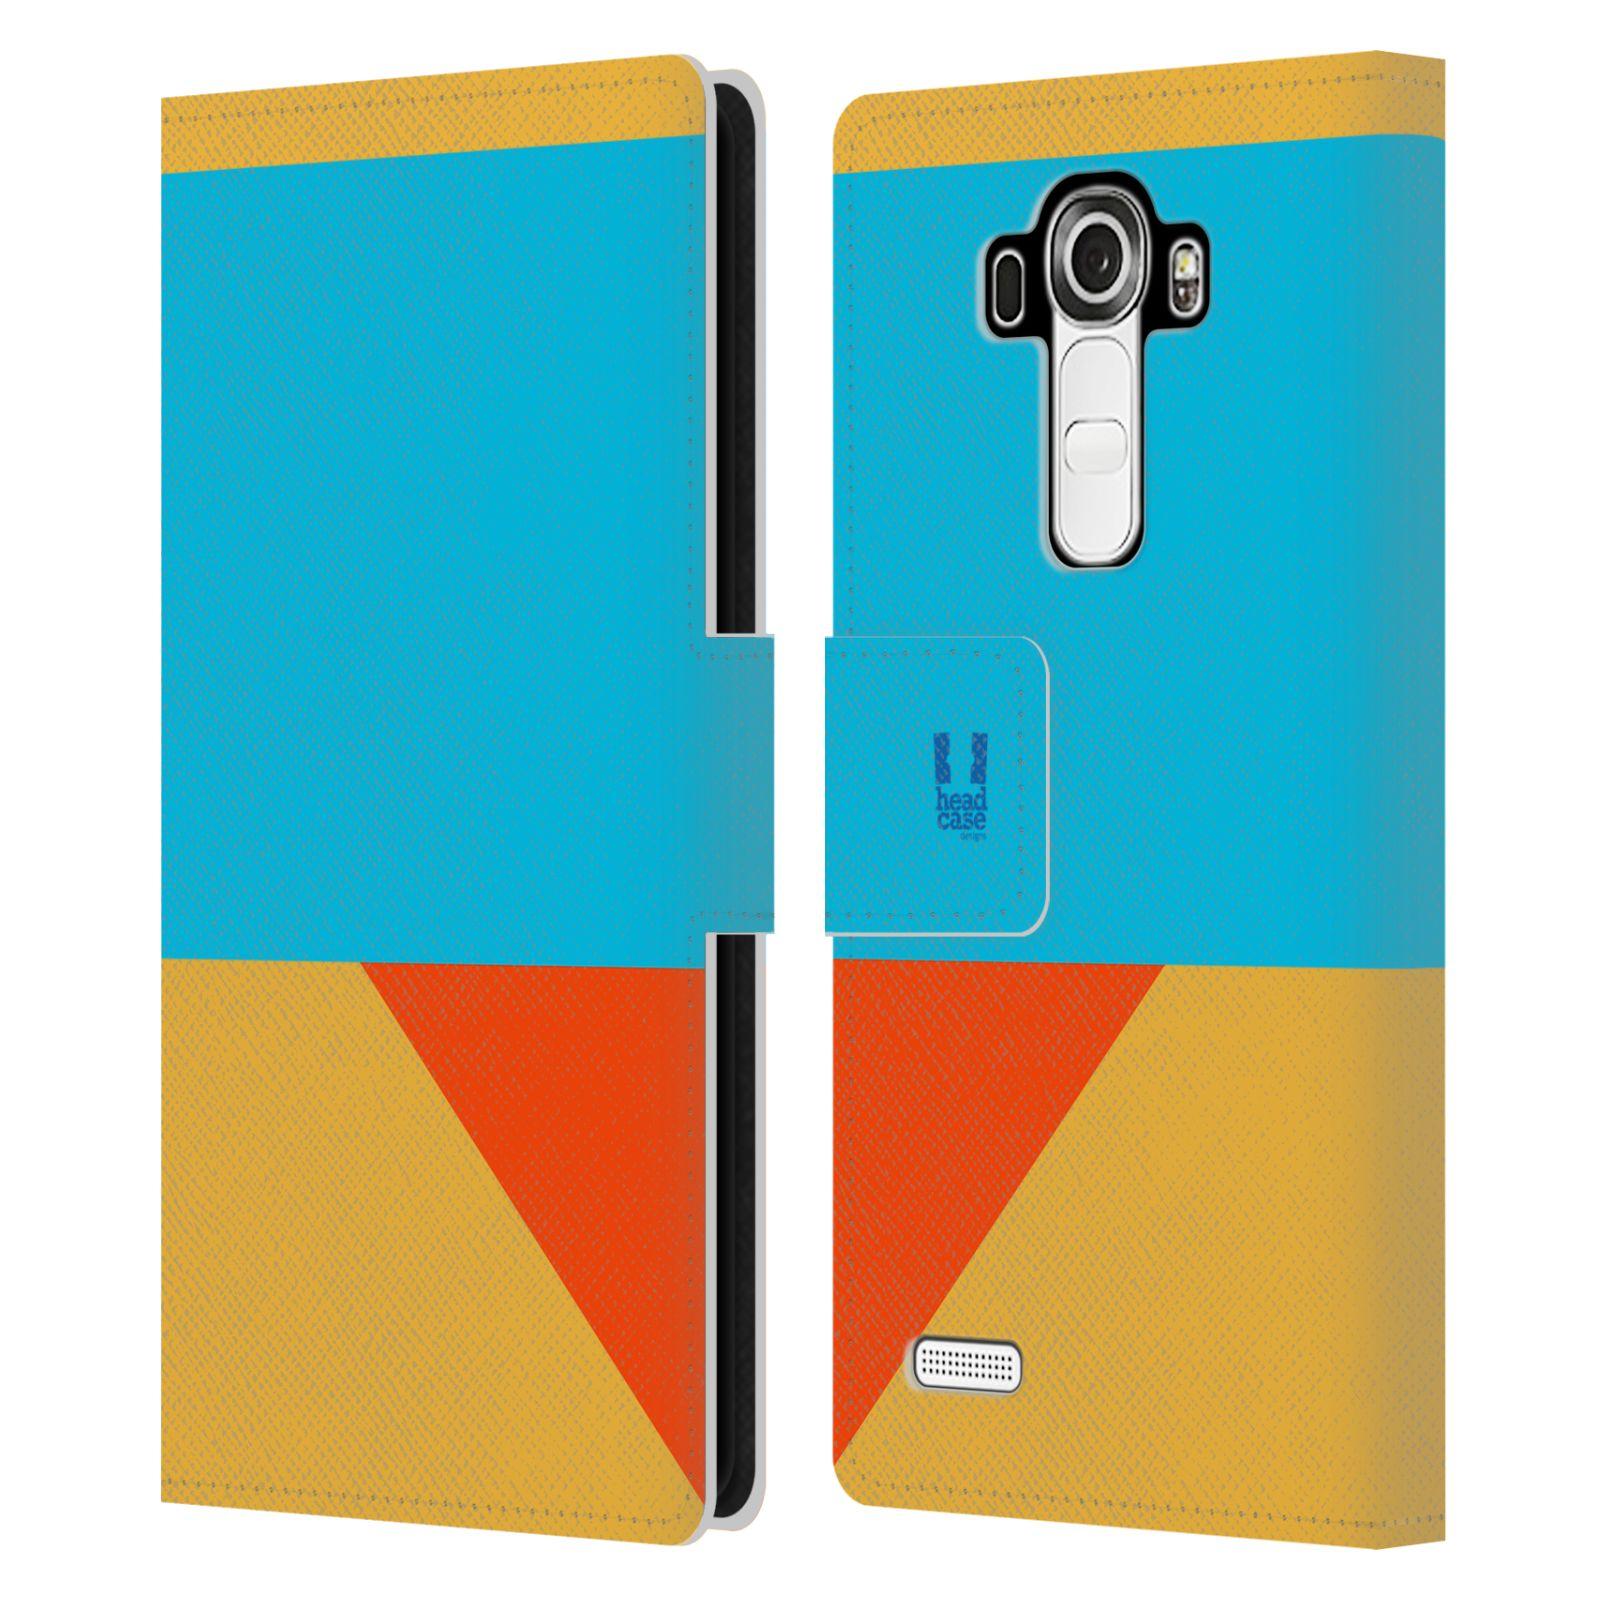 HEAD CASE Flipové pouzdro pro mobil LG G4 barevné tvary béžová a modrá DAY WEAR